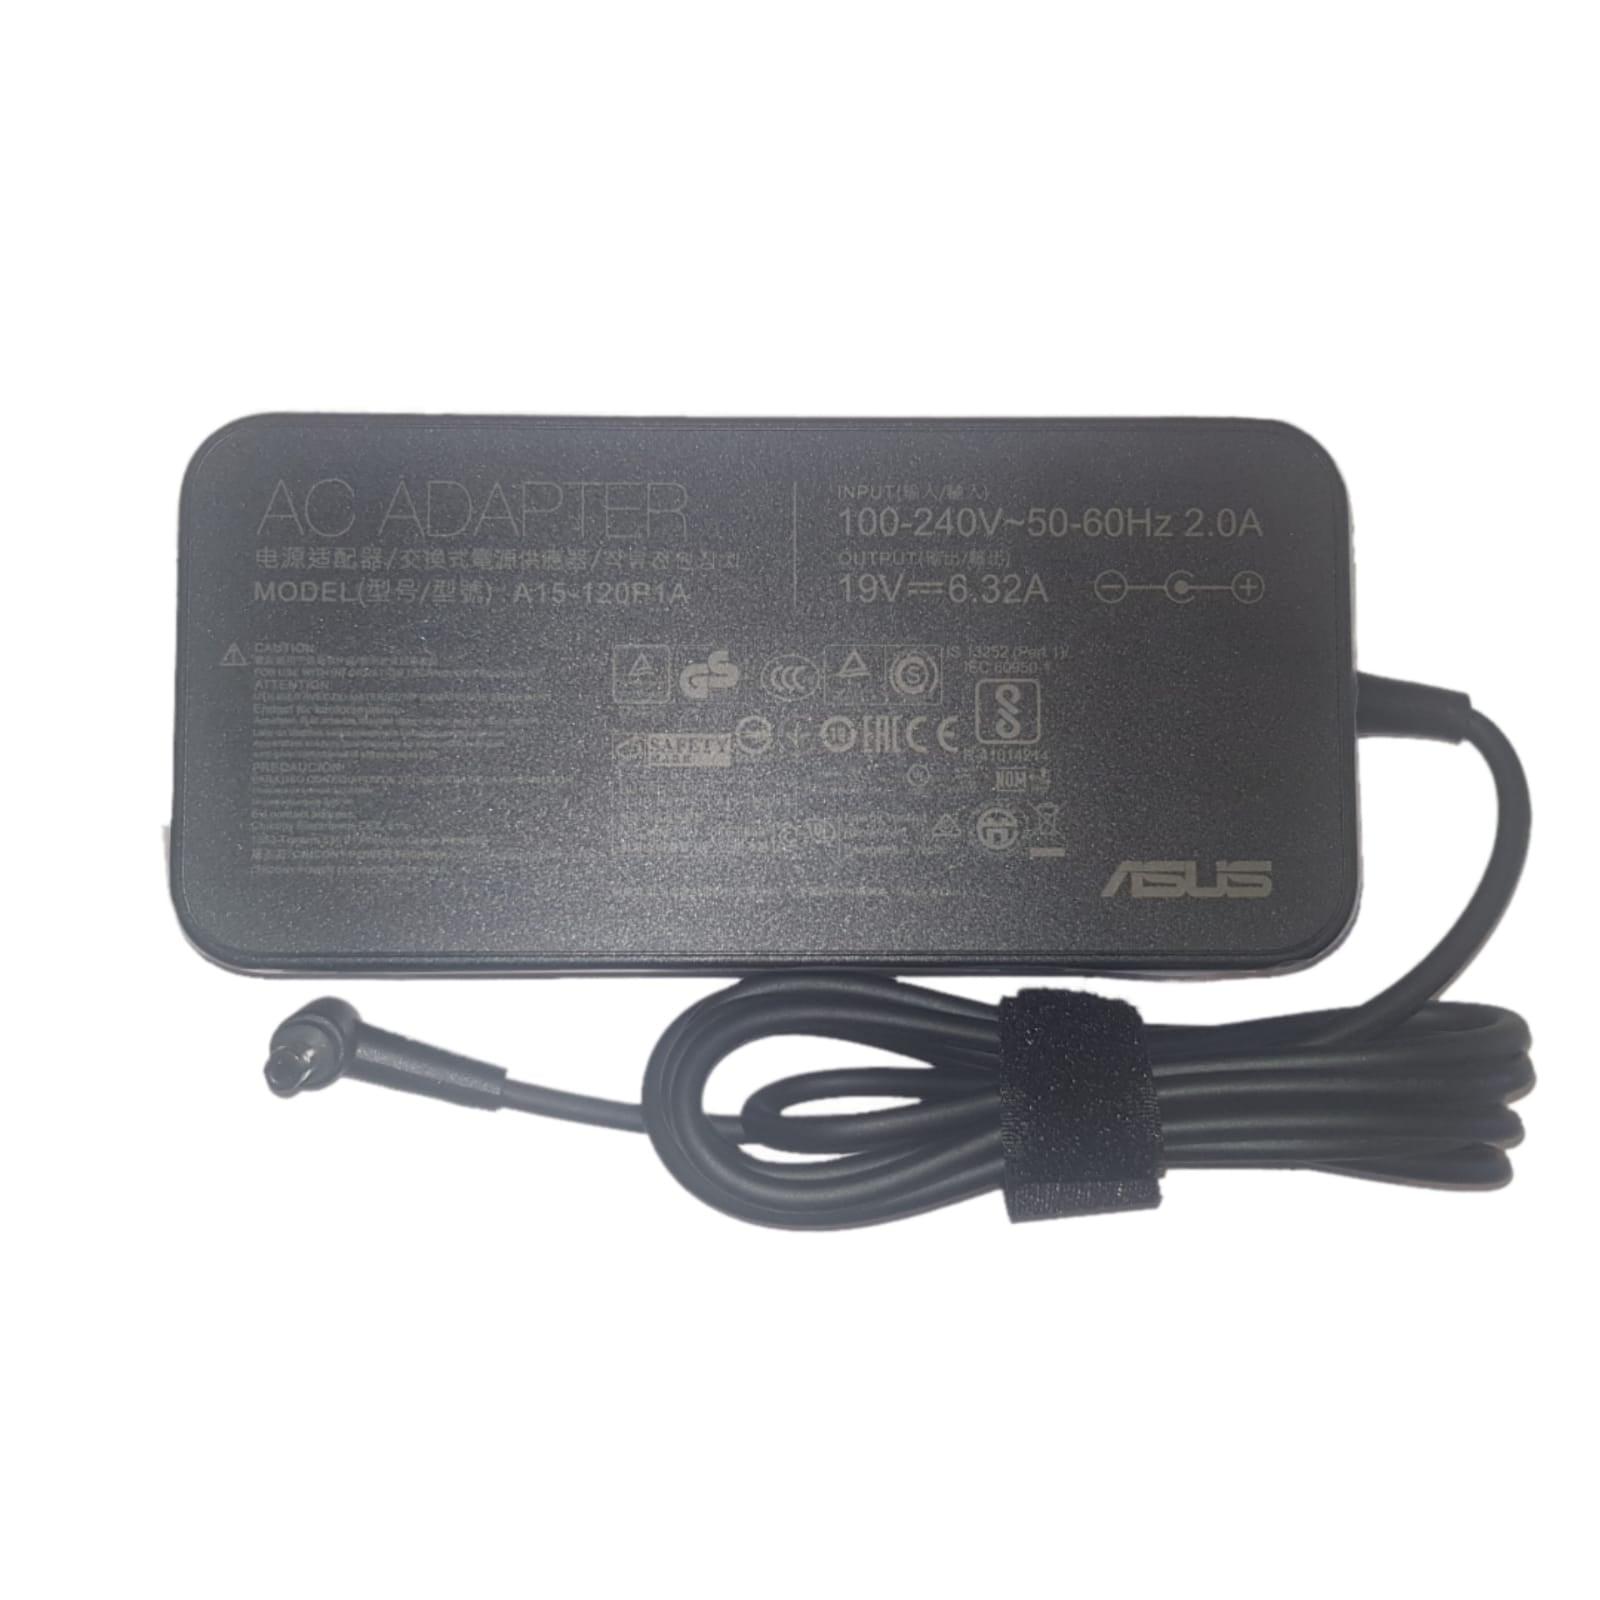 מטען למחשב נייד אסוס Asus ROG G501J